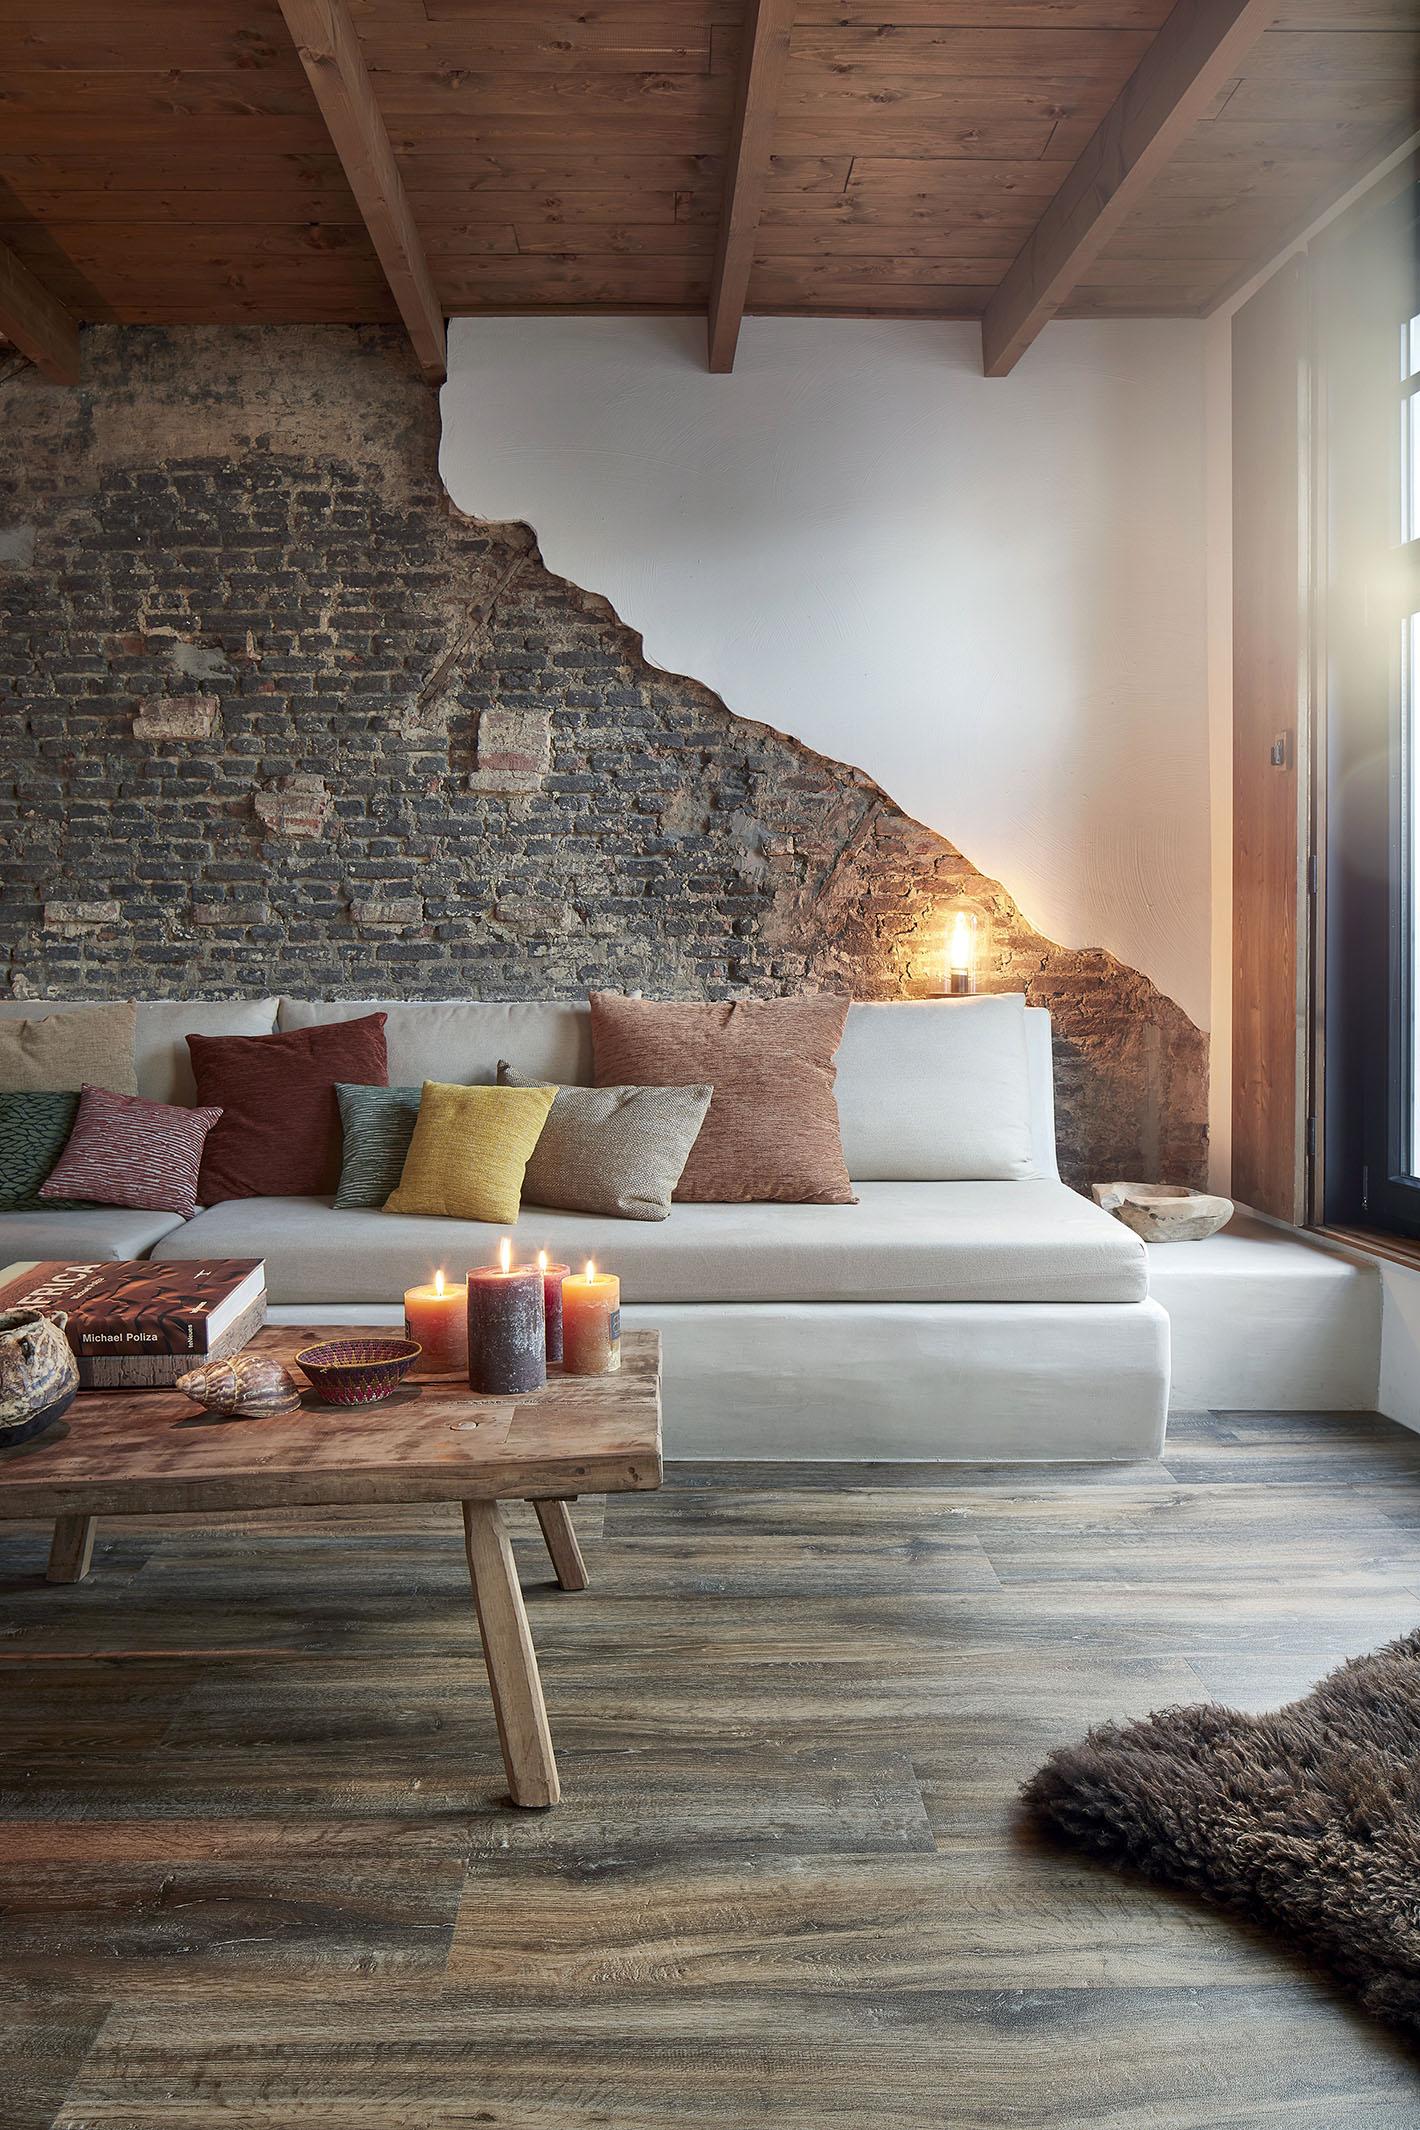 magnifique salon avec un canapé blanc, un mur en briques et un sol vinyle BerryAlloc. L'ambiance est réchauffée par de nombreuses bougies posées sur une table basse en bois